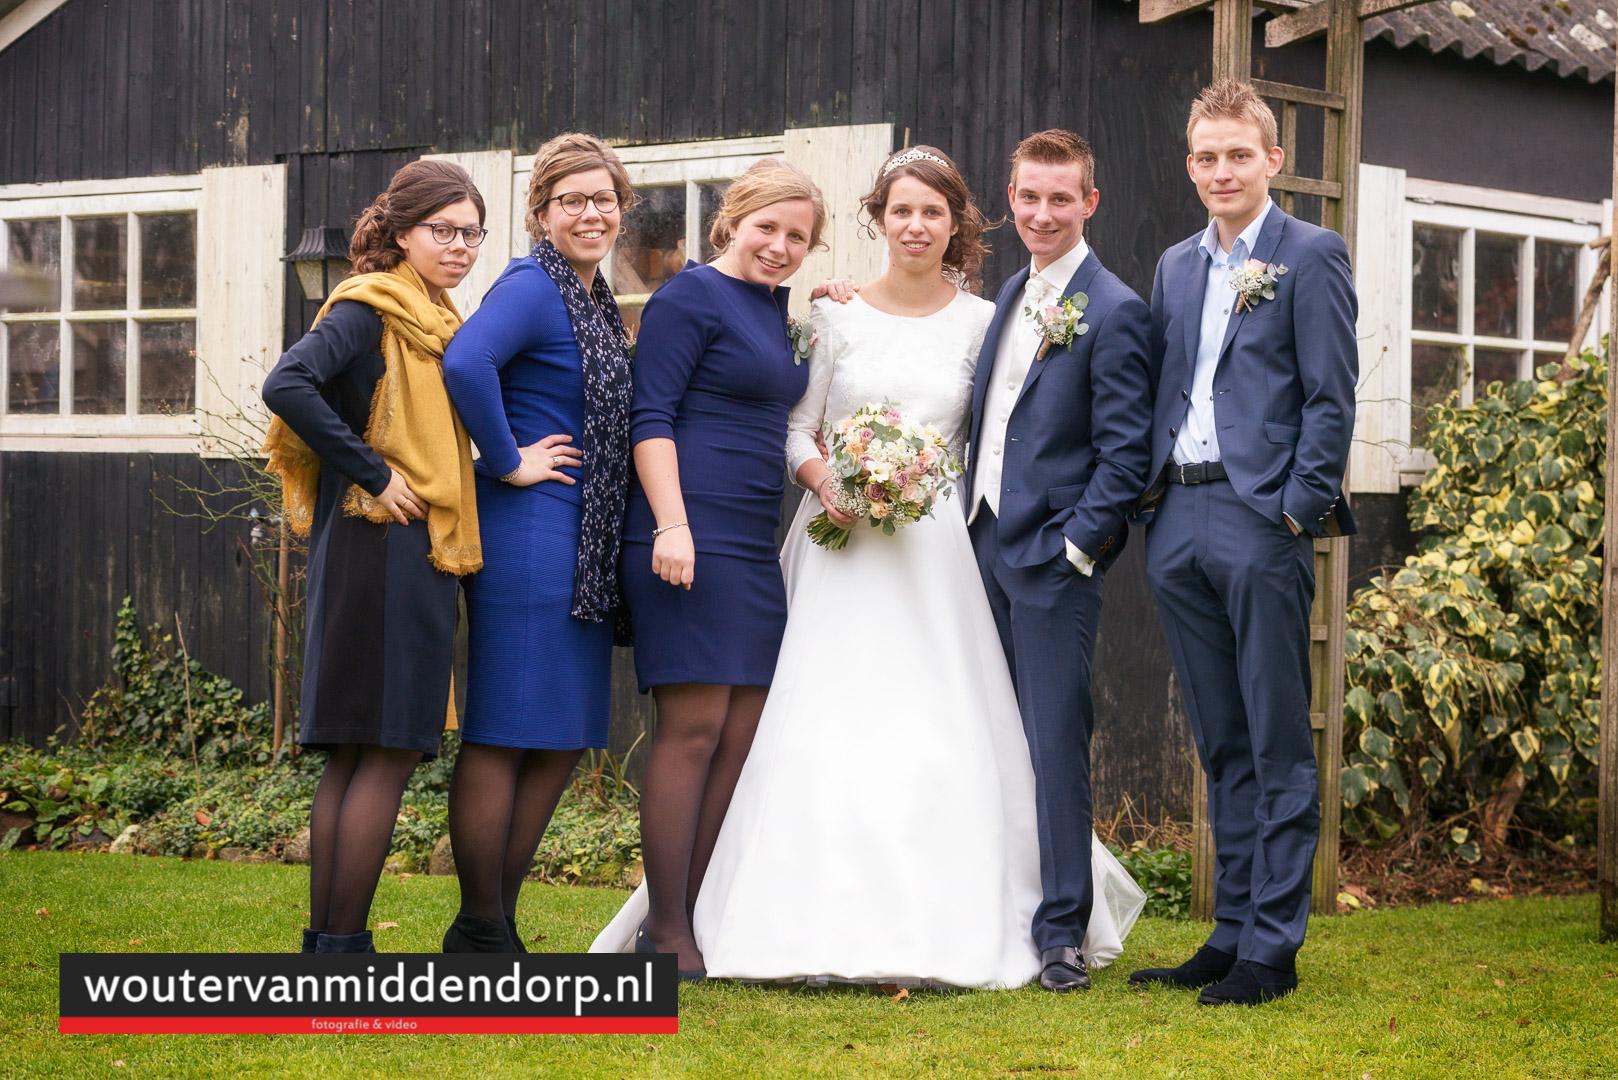 foto Wouter van Middendorp Uddel, Veluwe, Gelderland, trouwfotograaf (8)